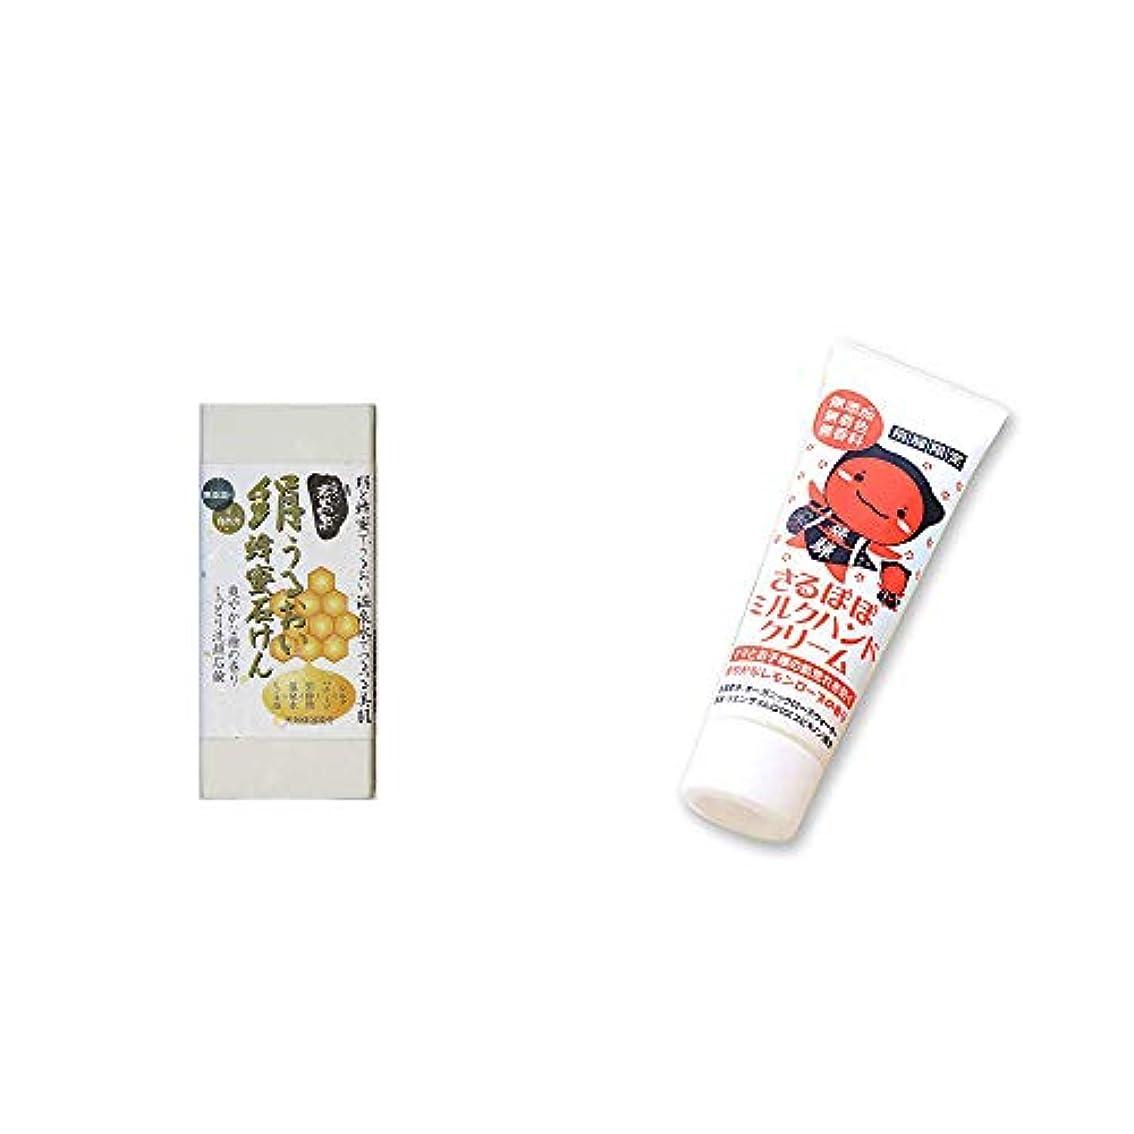 袋救出貫通する[2点セット] ひのき炭黒泉 絹うるおい蜂蜜石けん(75g×2)?さるぼぼ ミルクハンドクリーム(50g)